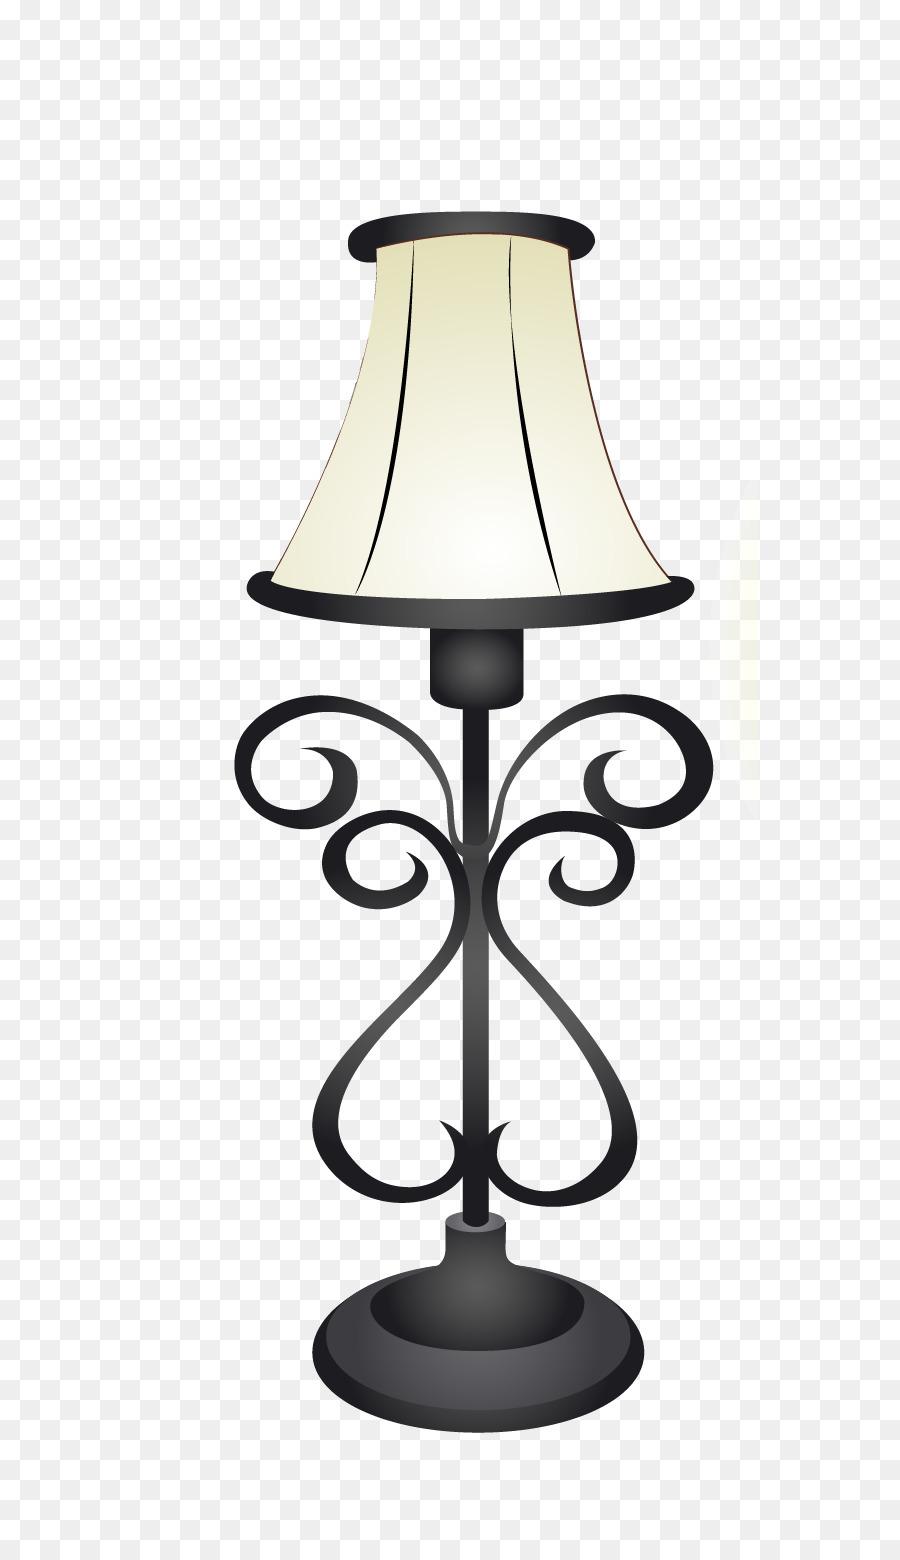 надпись красивые рисунки светильников предотвратить рассеивание света